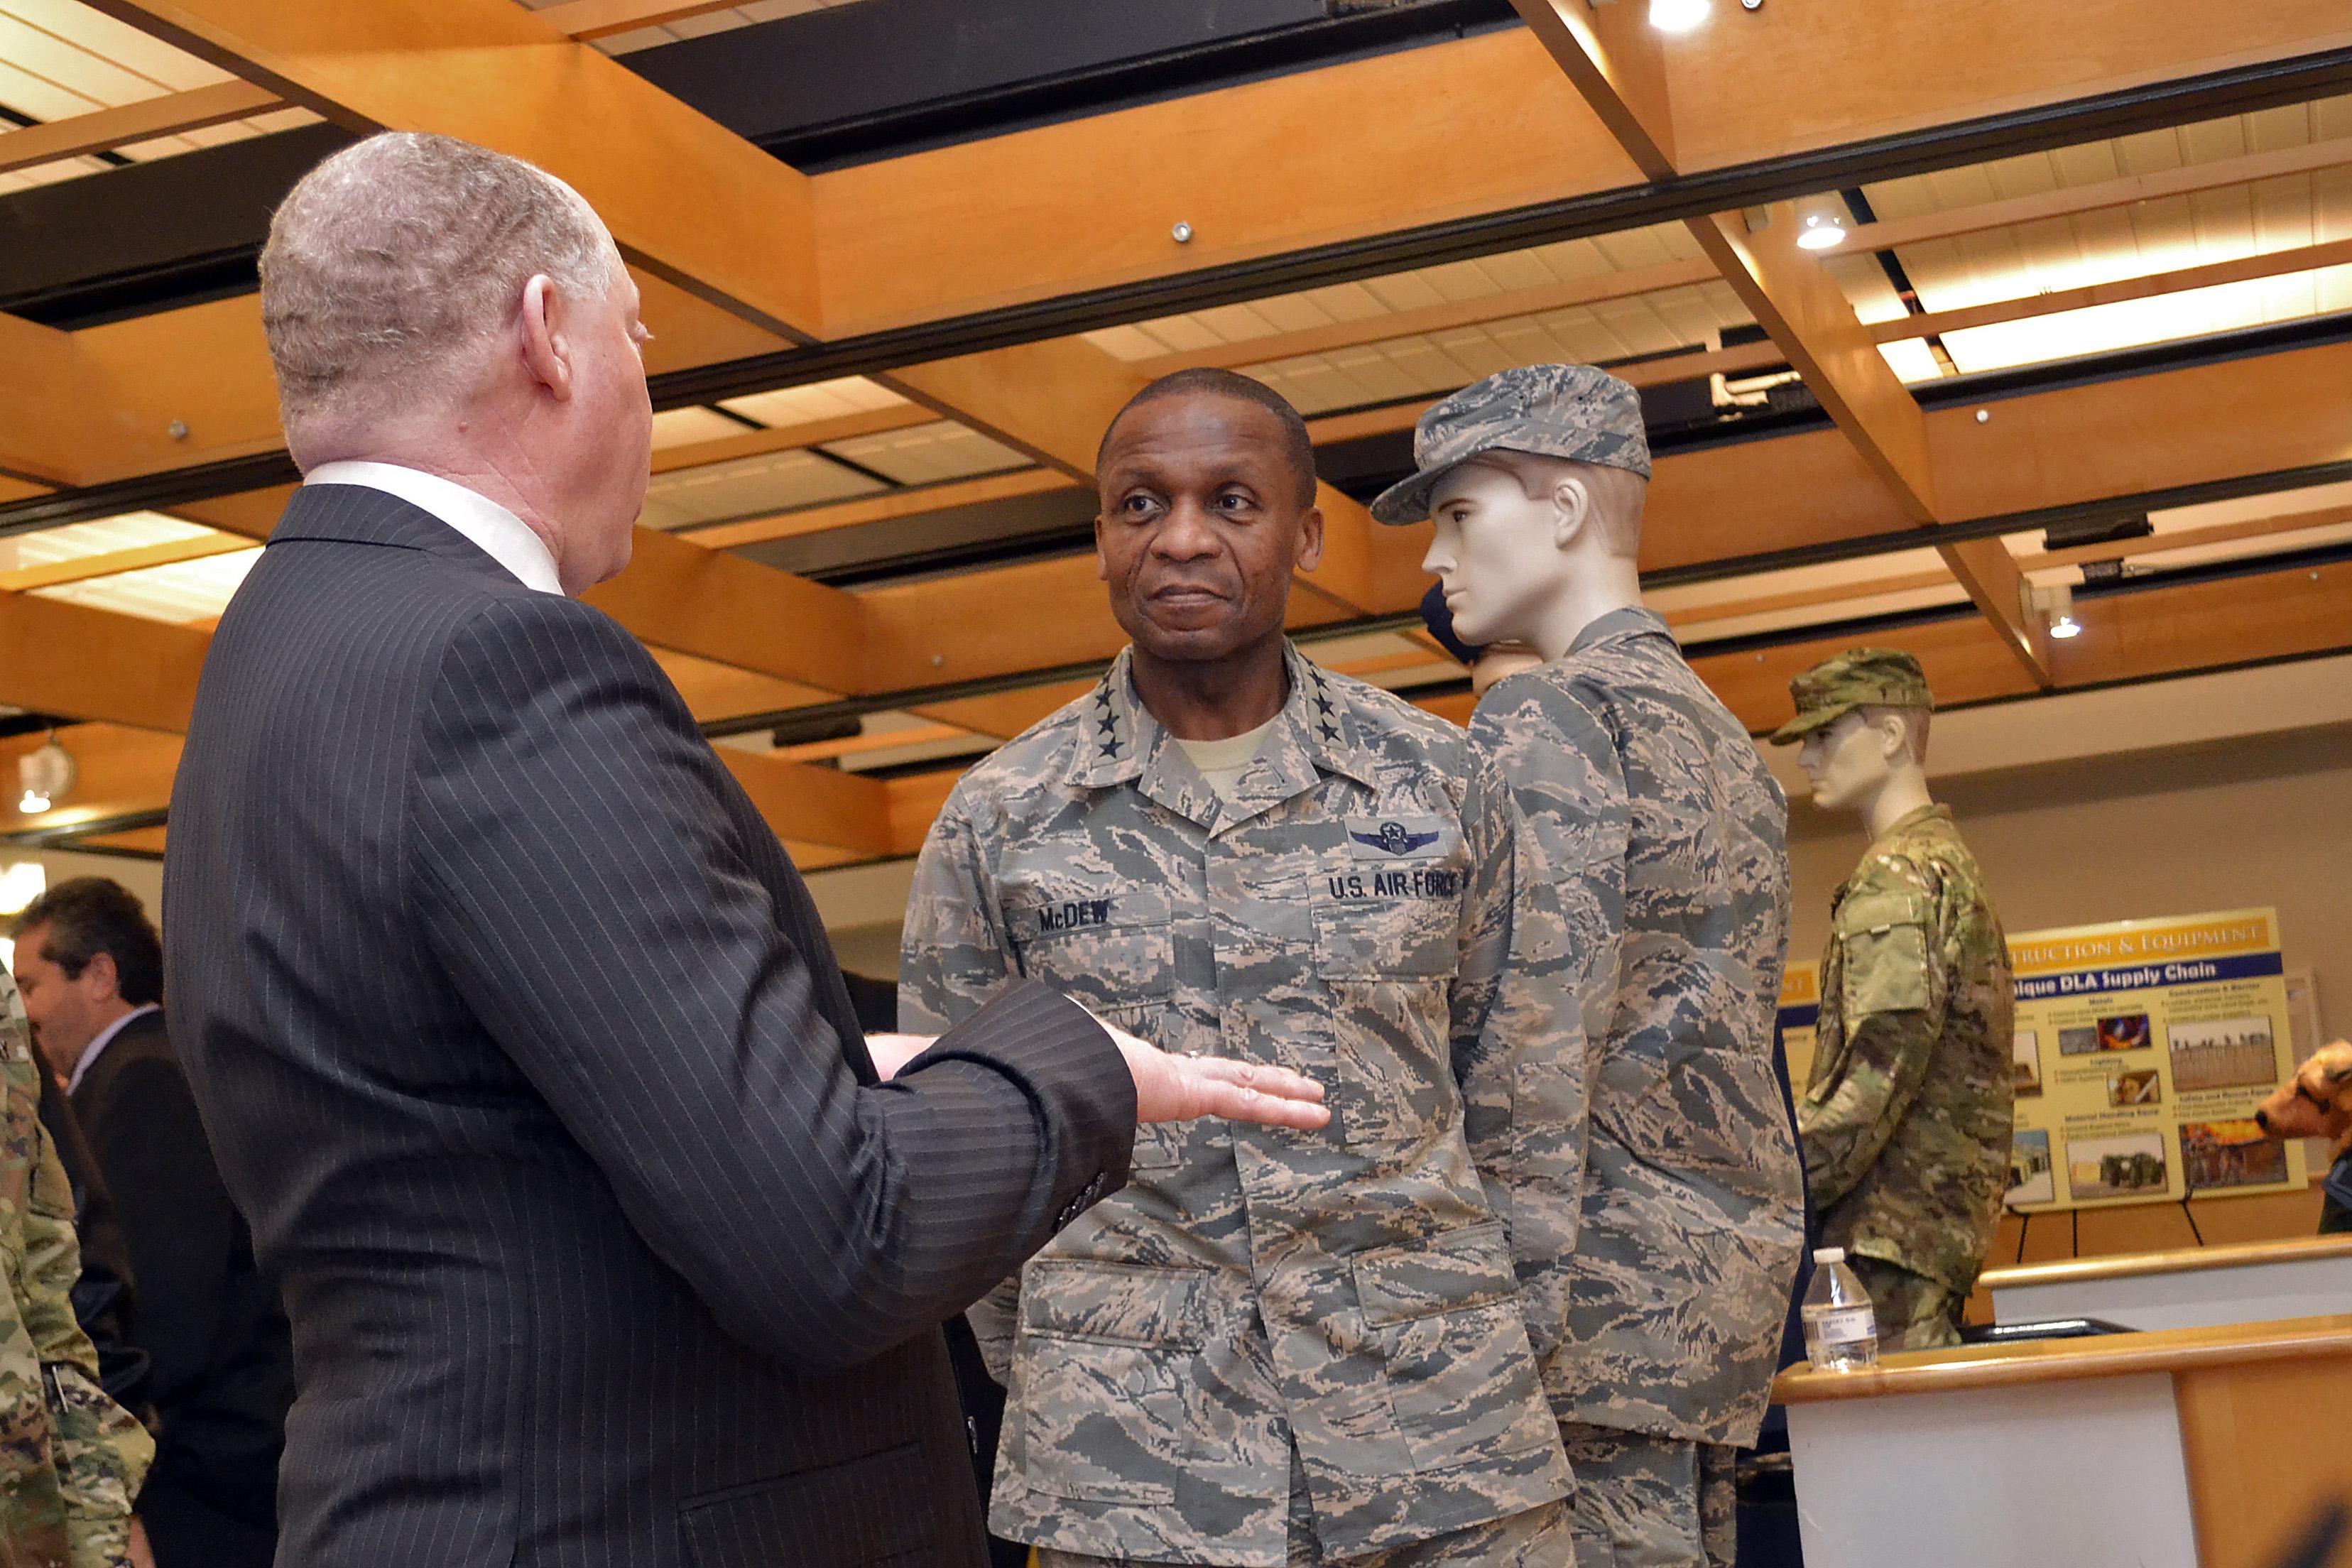 USTRANSCOM commander visits Troop Support